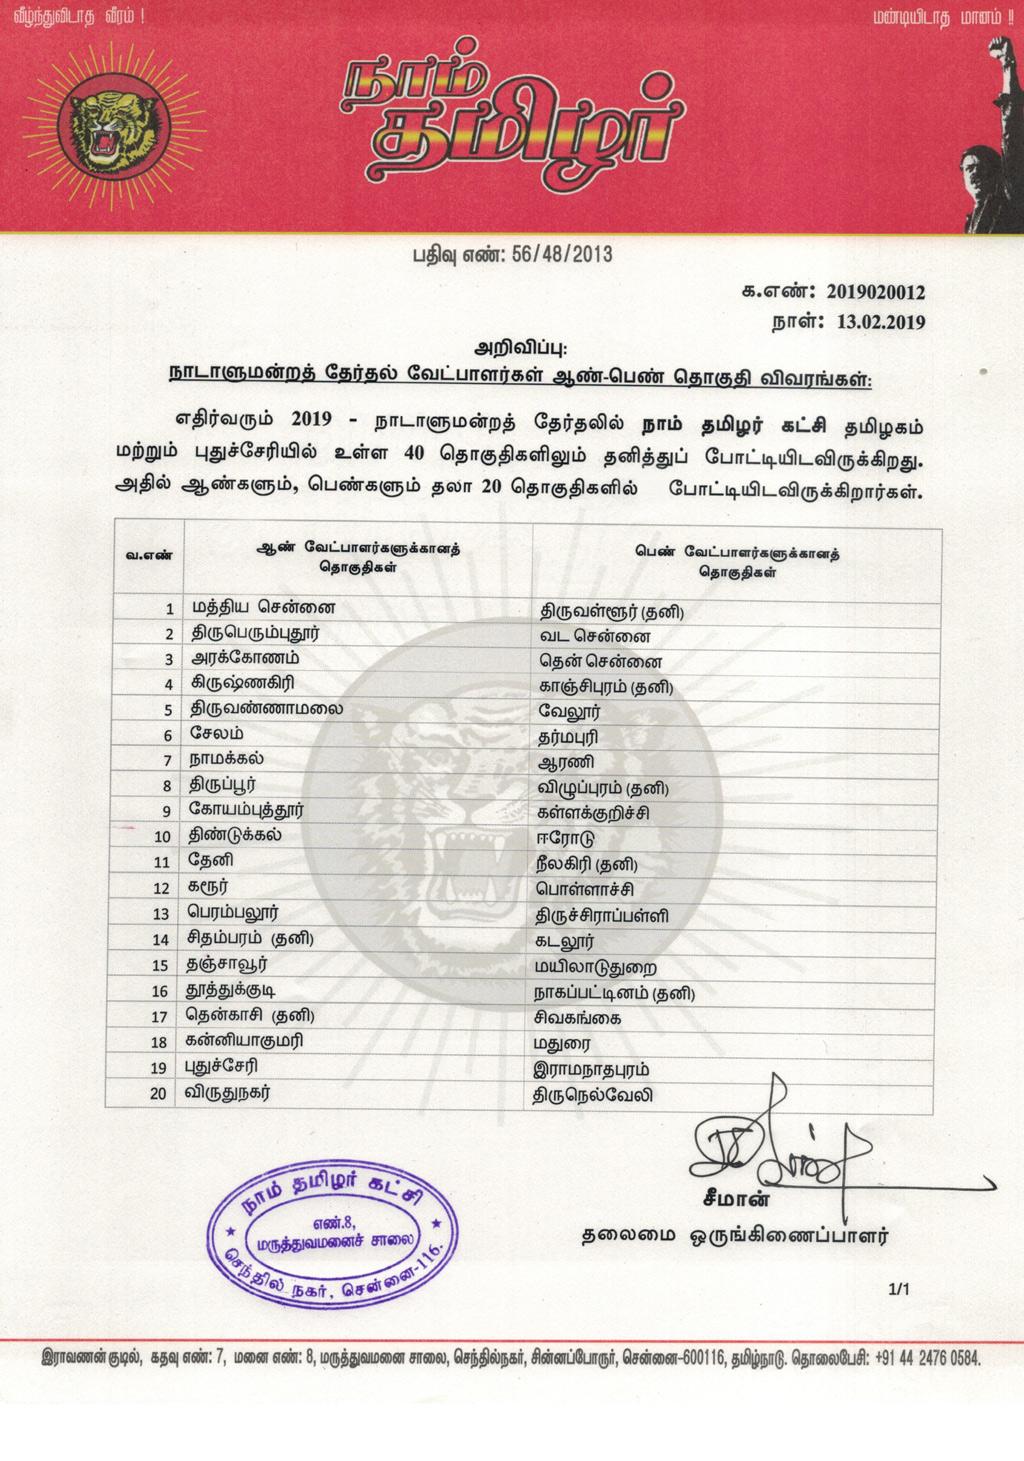 அறிவிப்பு:நாடாளுமன்றத் தேர்தல் ஆண்-பெண் வேட்பாளர்களுக்கான தொகுதி விவரங்கள்